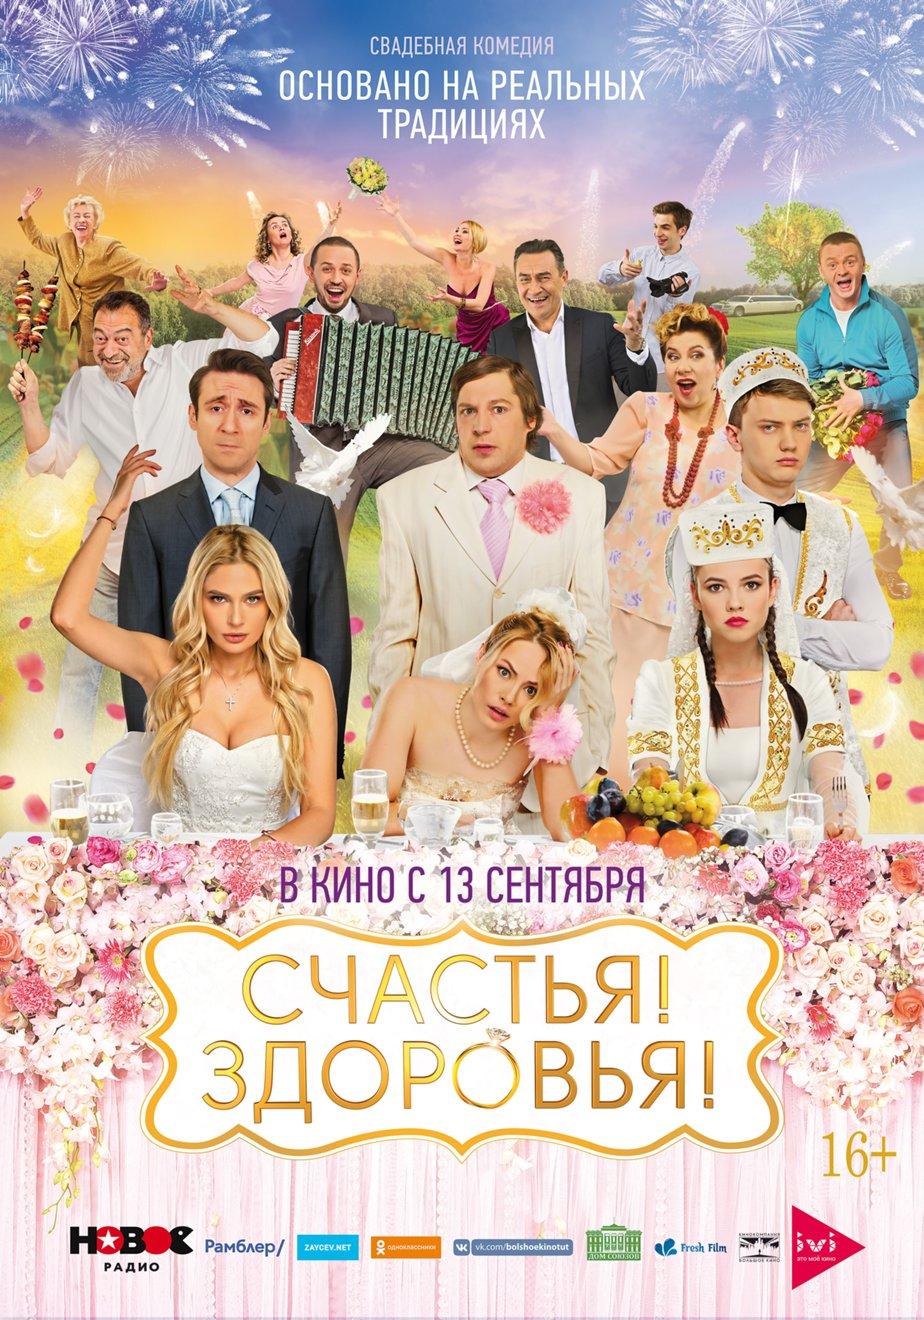 Картинки по запросу Премьера фильма «Счастья! Здоровья!»